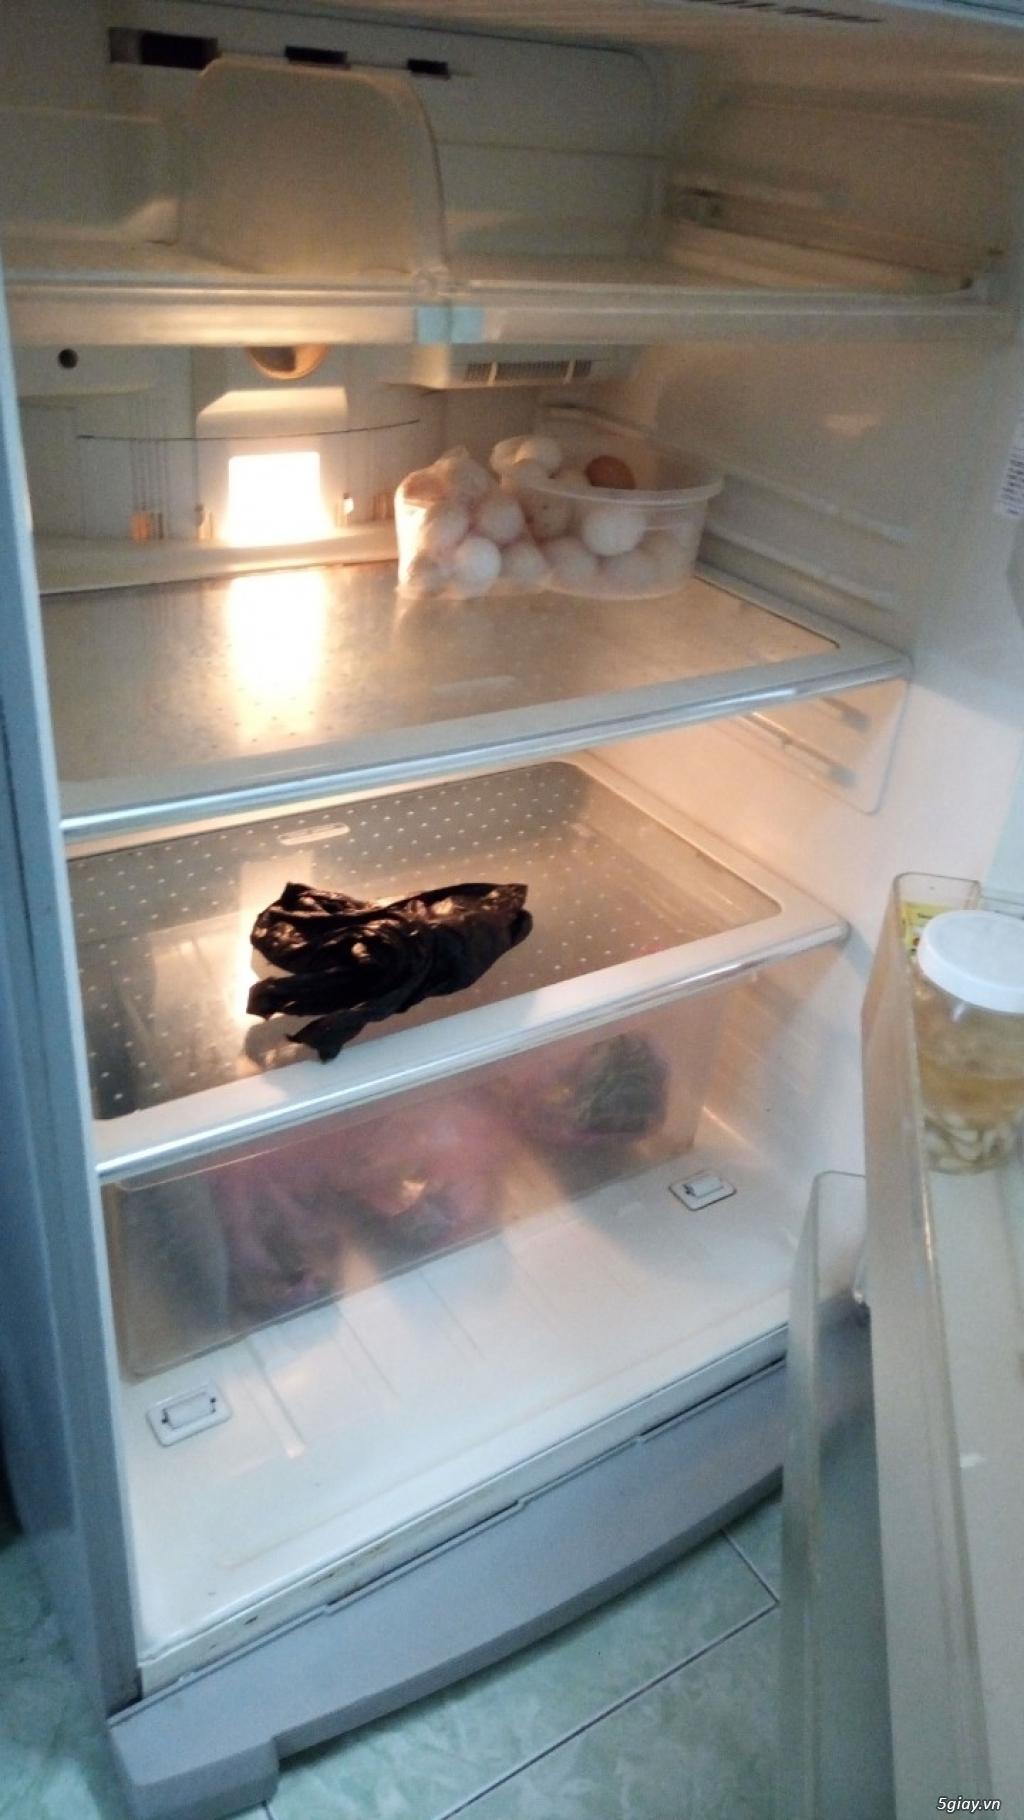 Tủ lạnh Sharp 526lit hoạt động hoàn hảo bán nhanh chật nhà - 2